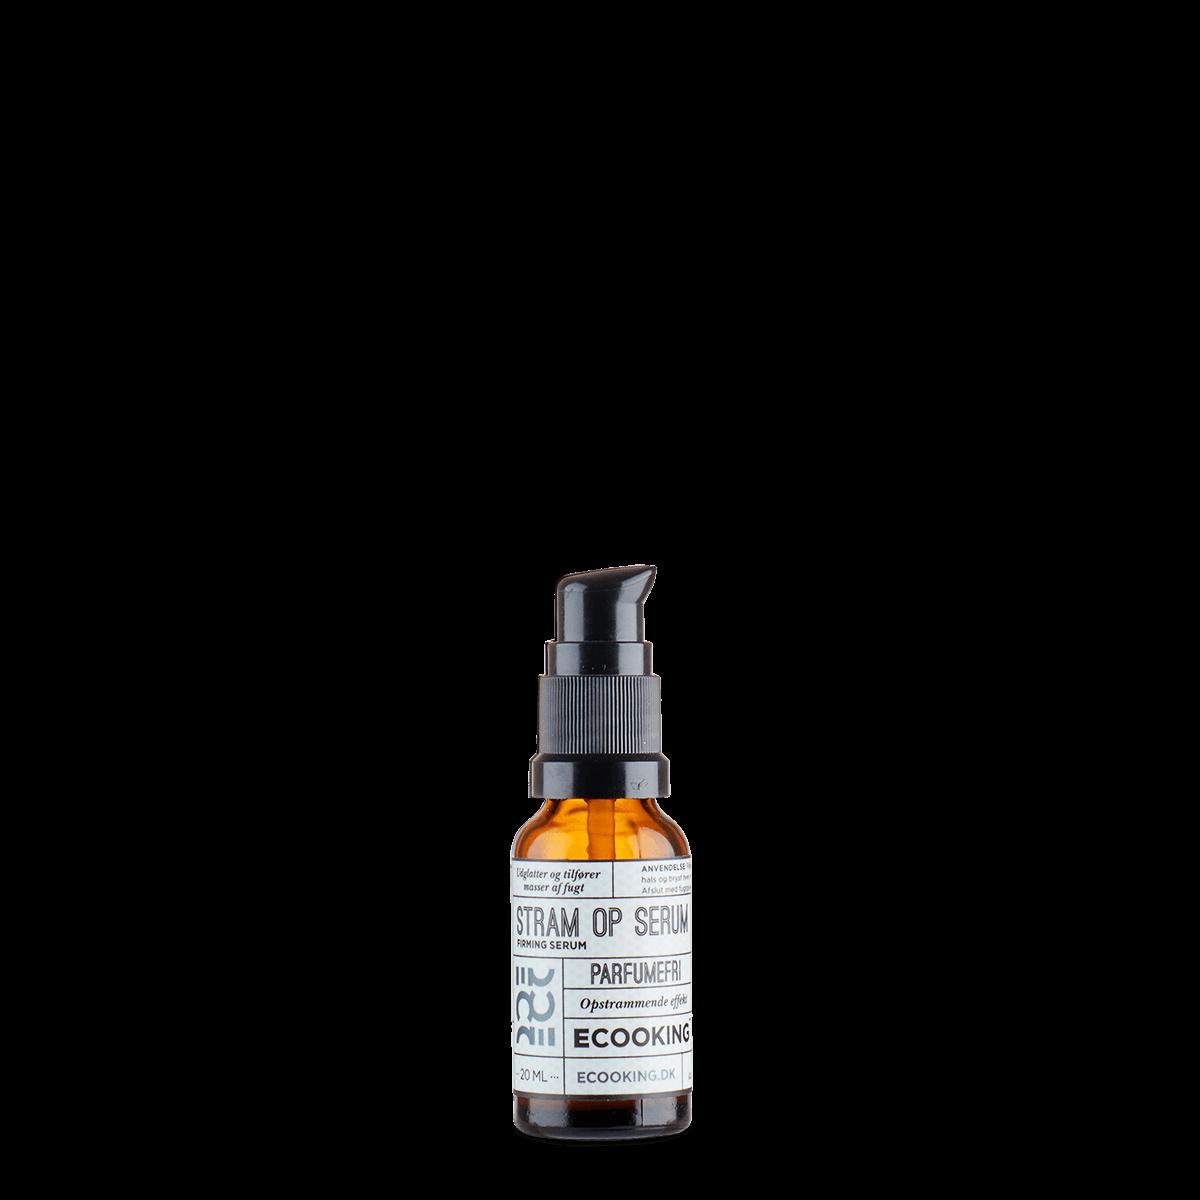 Stram Op Serum Parfumefri